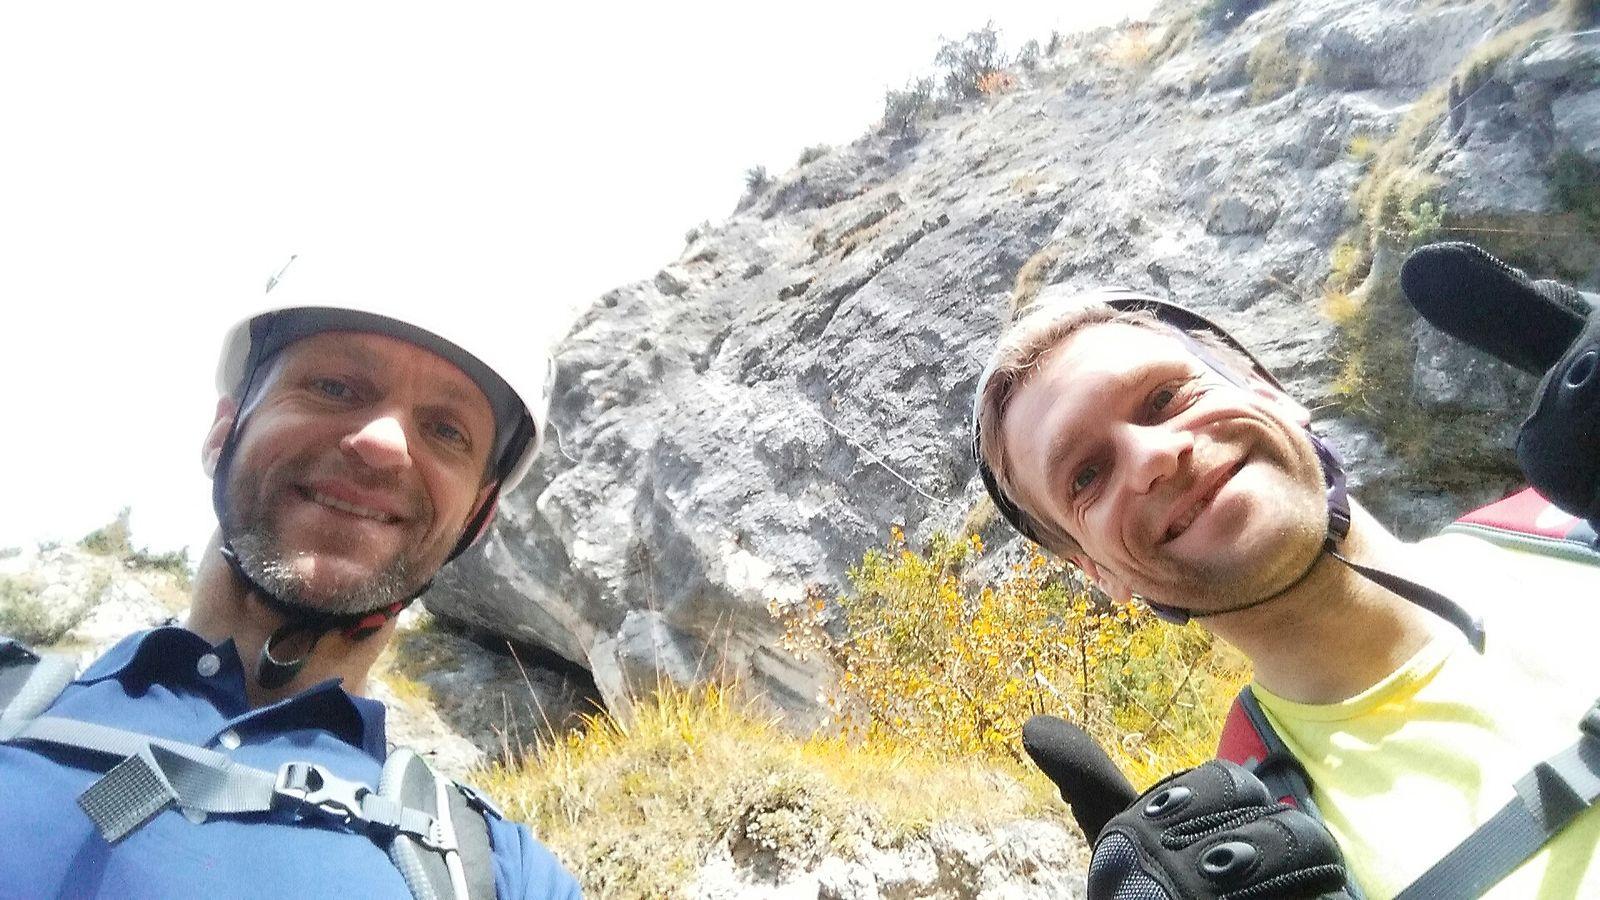 Nicolas und Toby vorm Einstieg beim Training am Grünstein-Klettersteig 2016